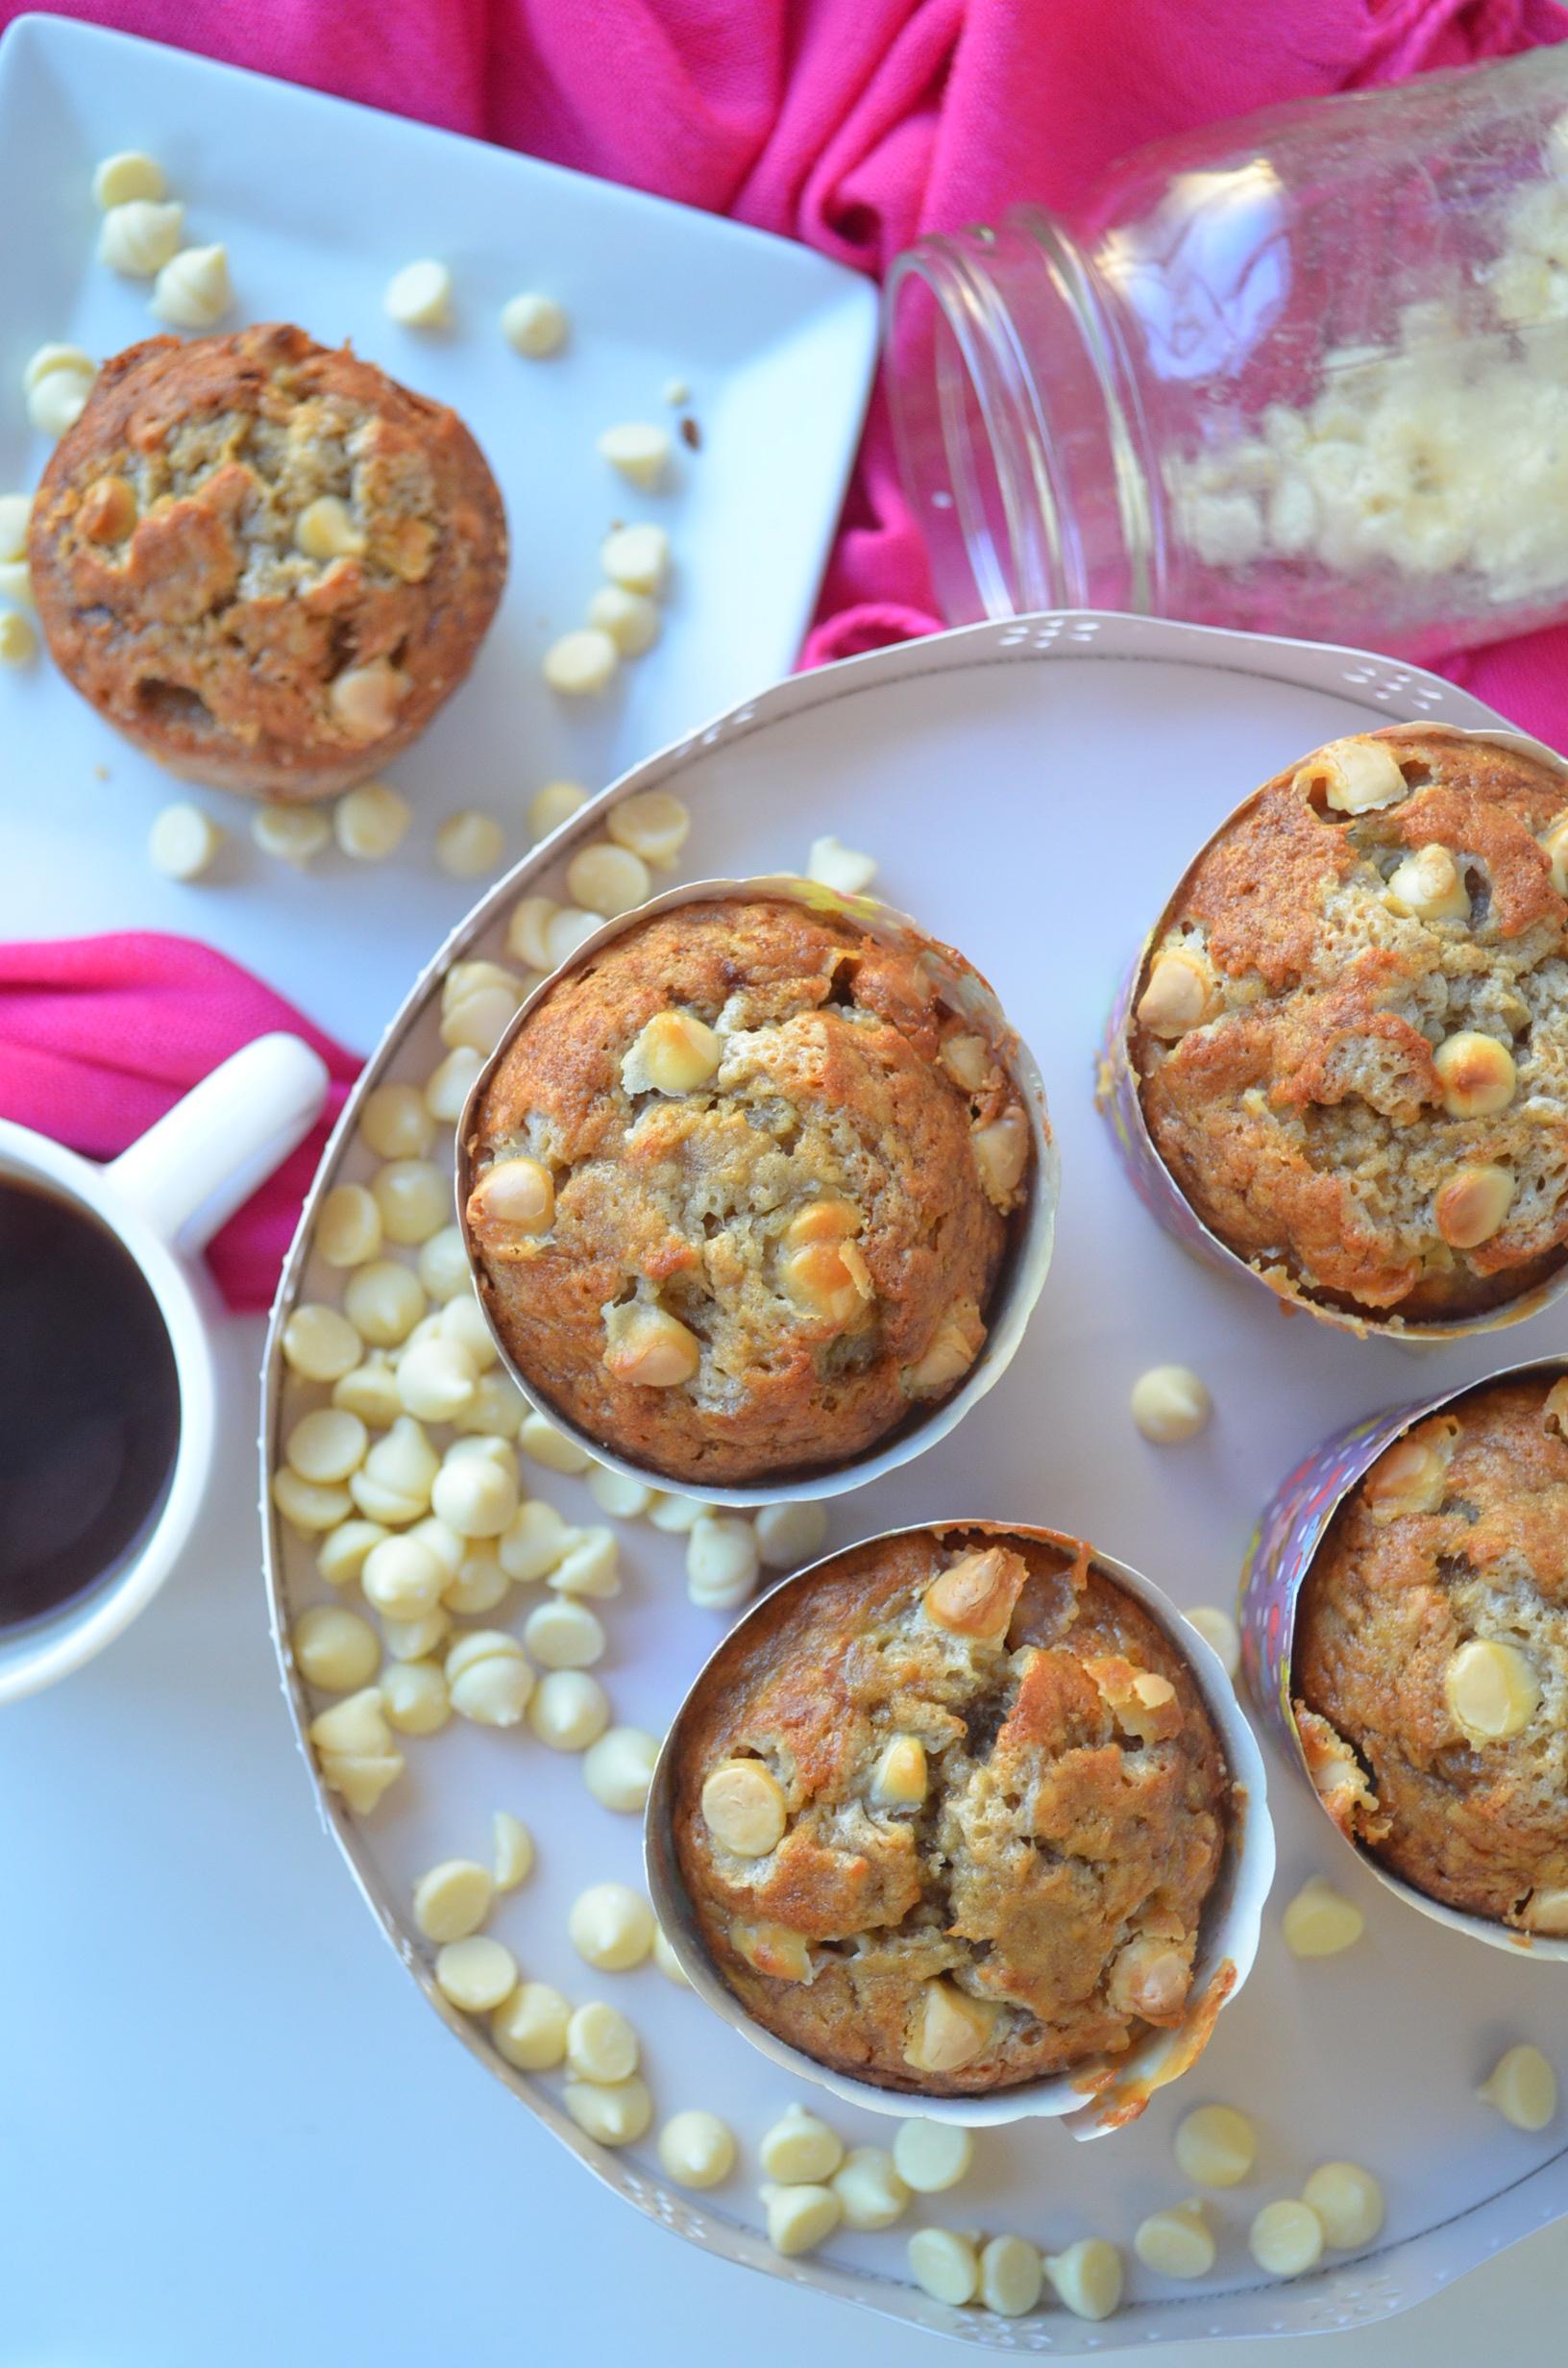 White Chocolate Chips Banana Muffins Recipe